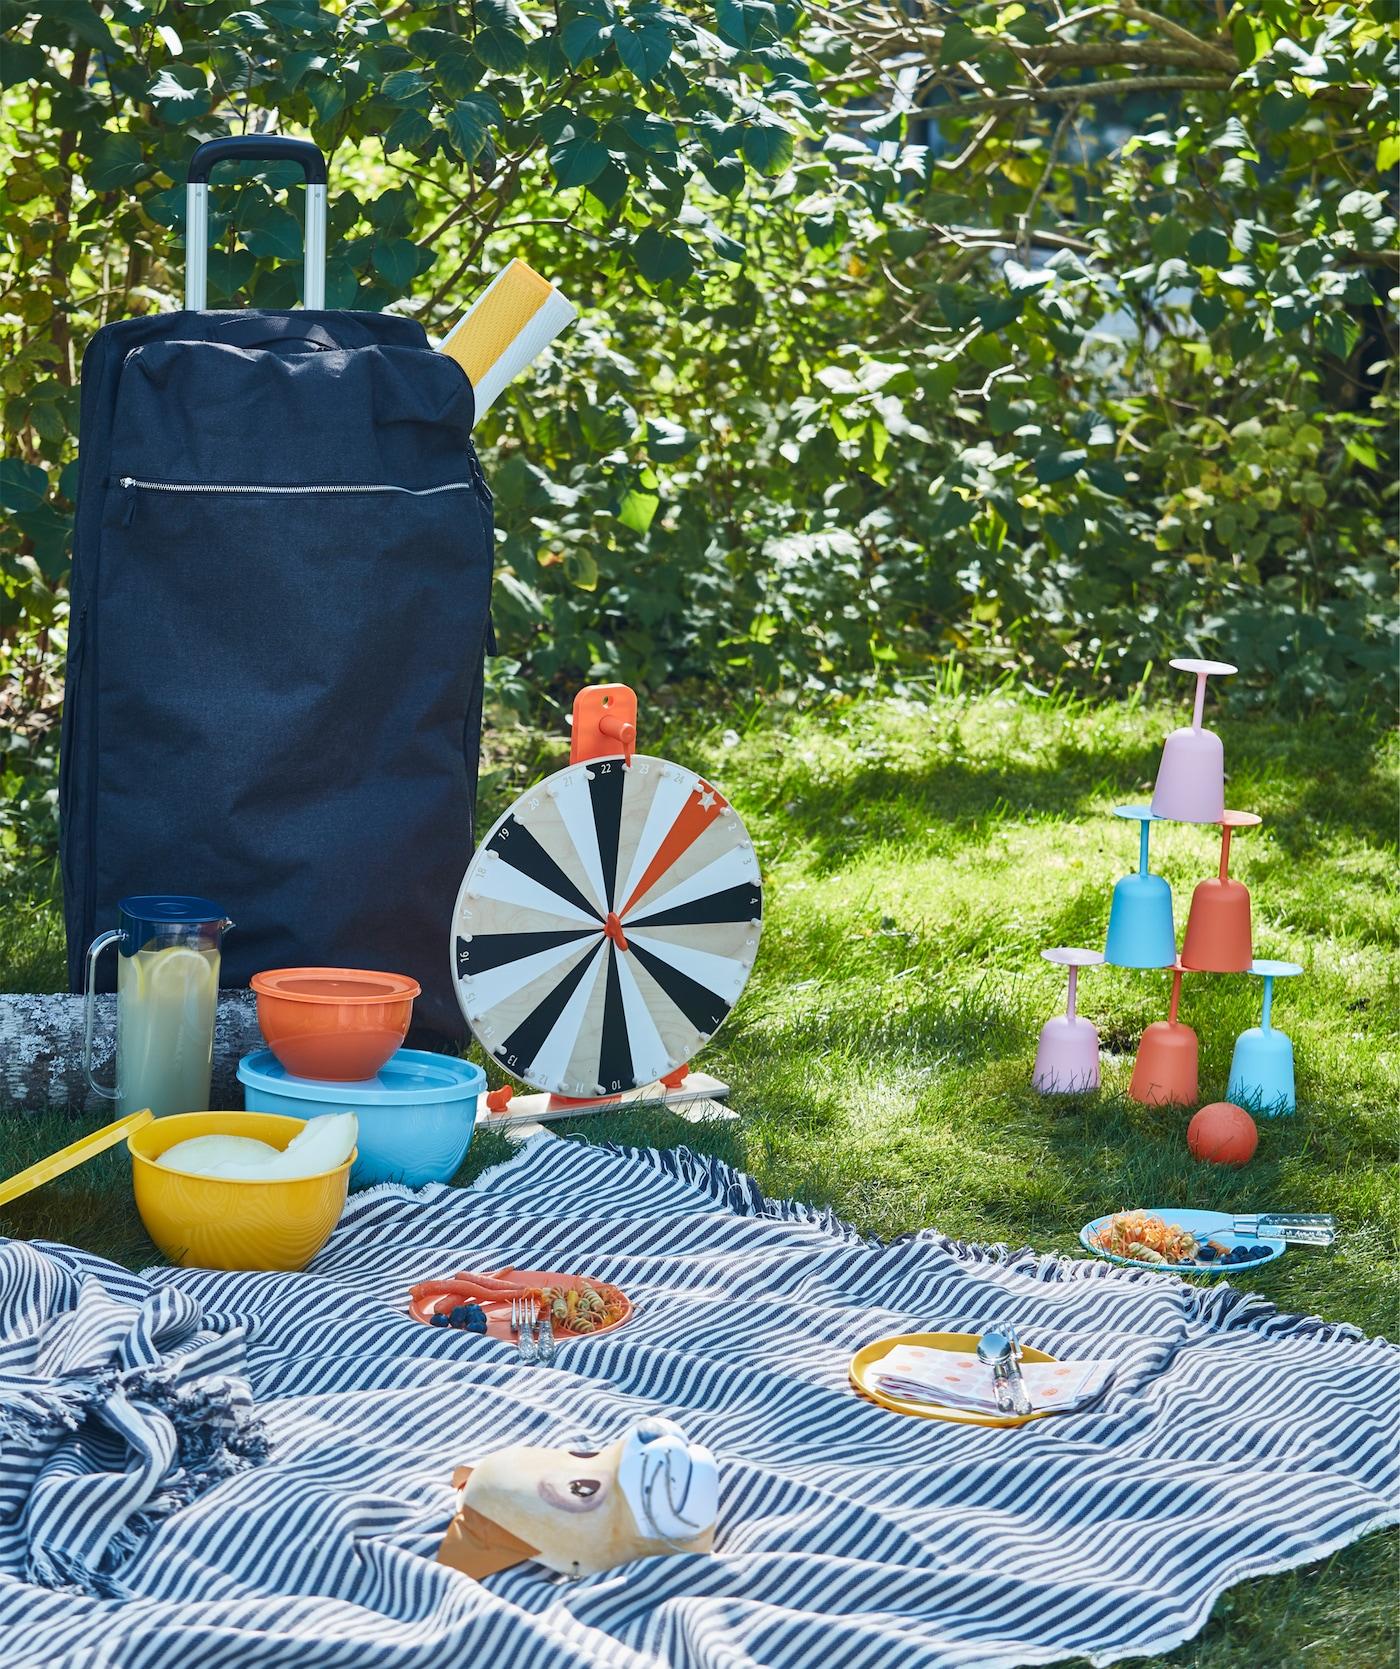 Pique Nique Sur Lu0027herbe Avec Vaisselle, Jeux Et Une Grande Couverture,